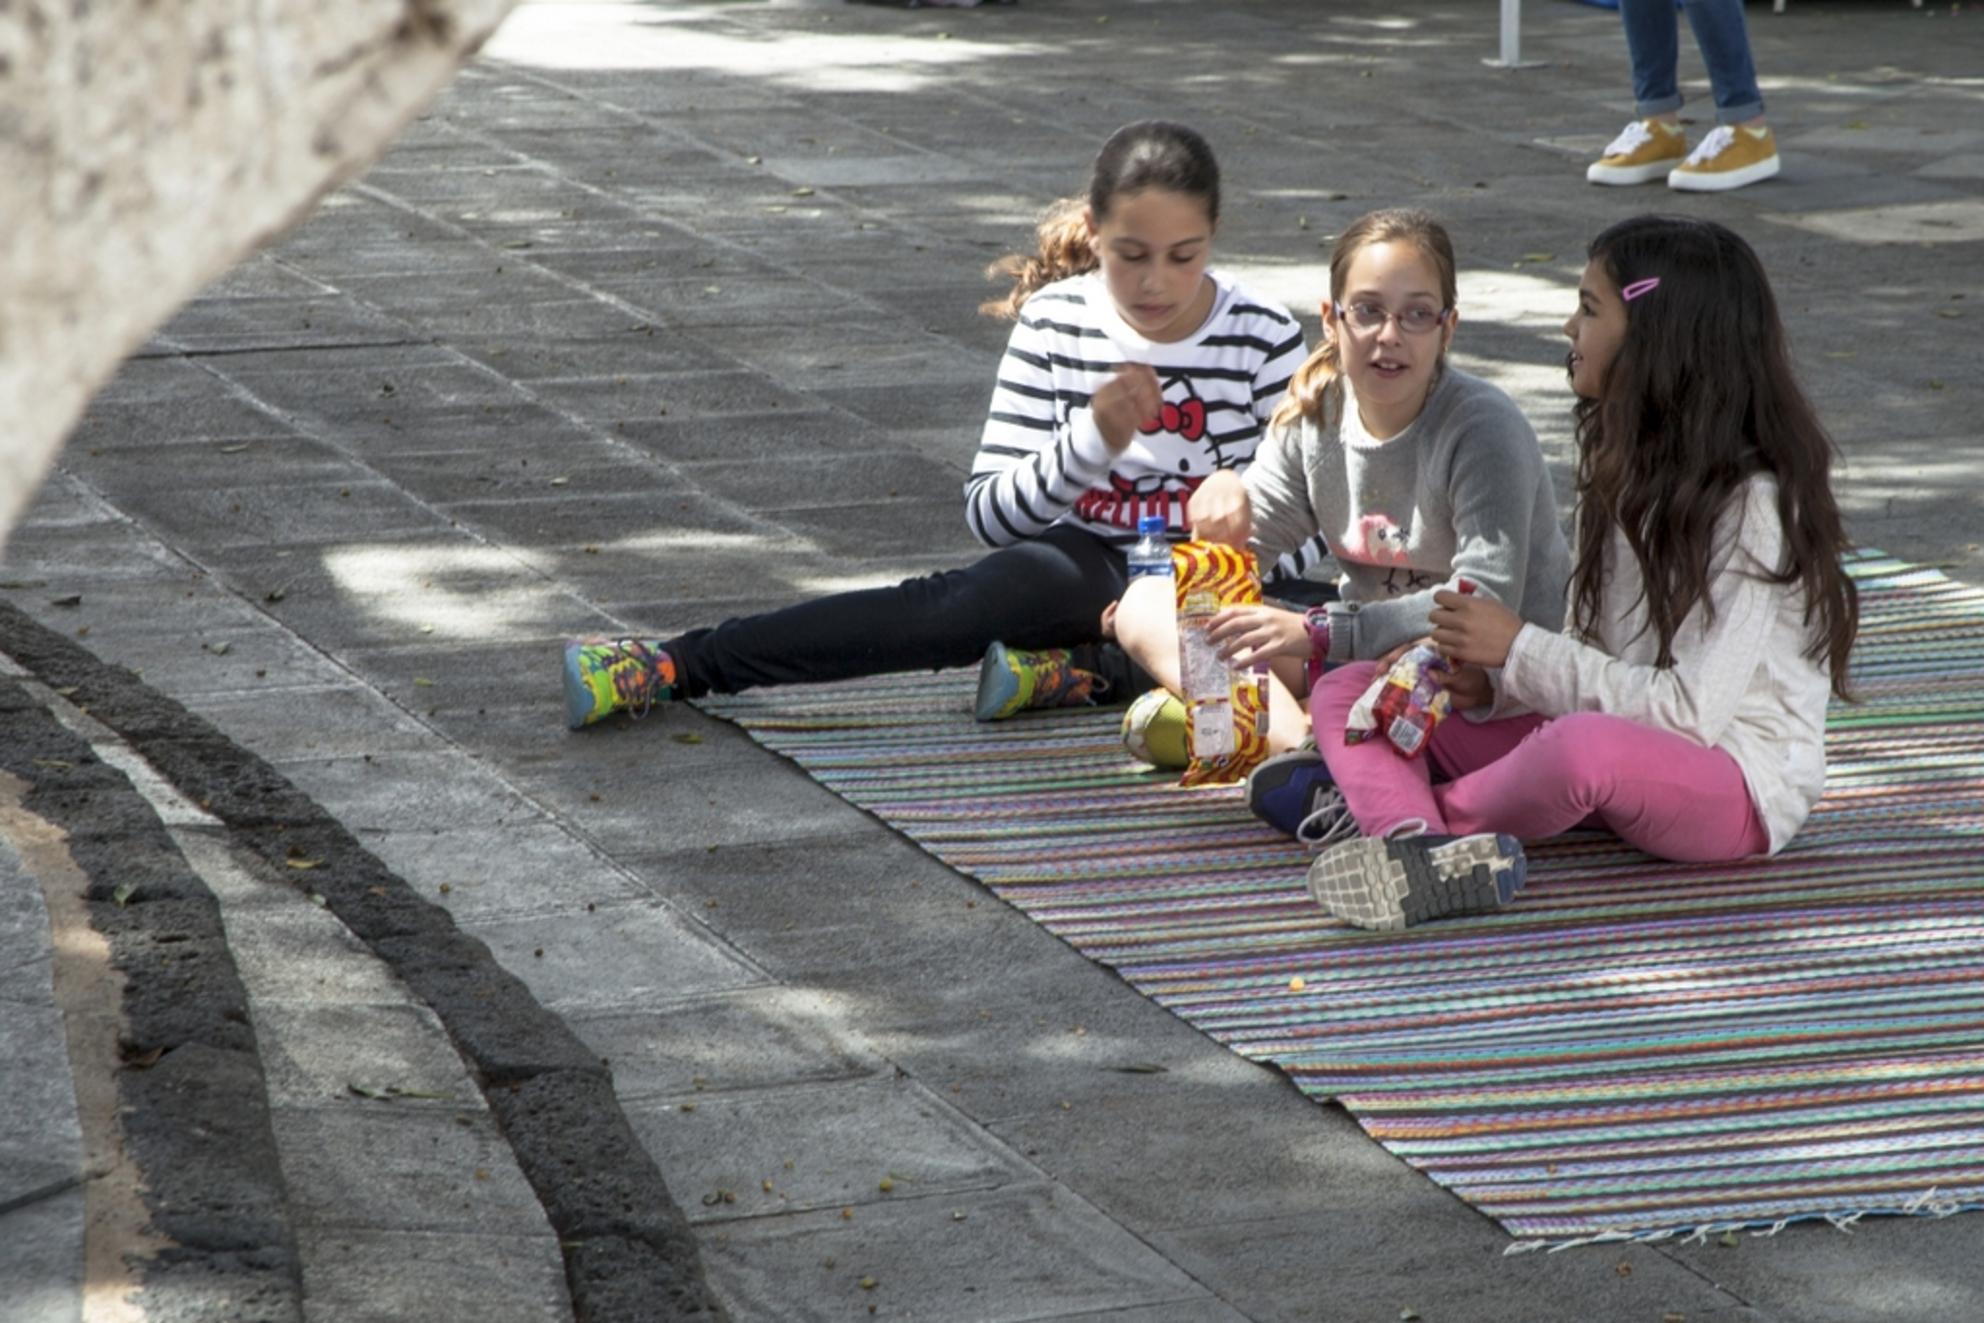 Lanzarote 35 - - - foto door goosveenendaal op 30-06-2015 - deze foto bevat: mensen, kinderen, straatfotografie, lanzarote - Deze foto mag gebruikt worden in een Zoom.nl publicatie